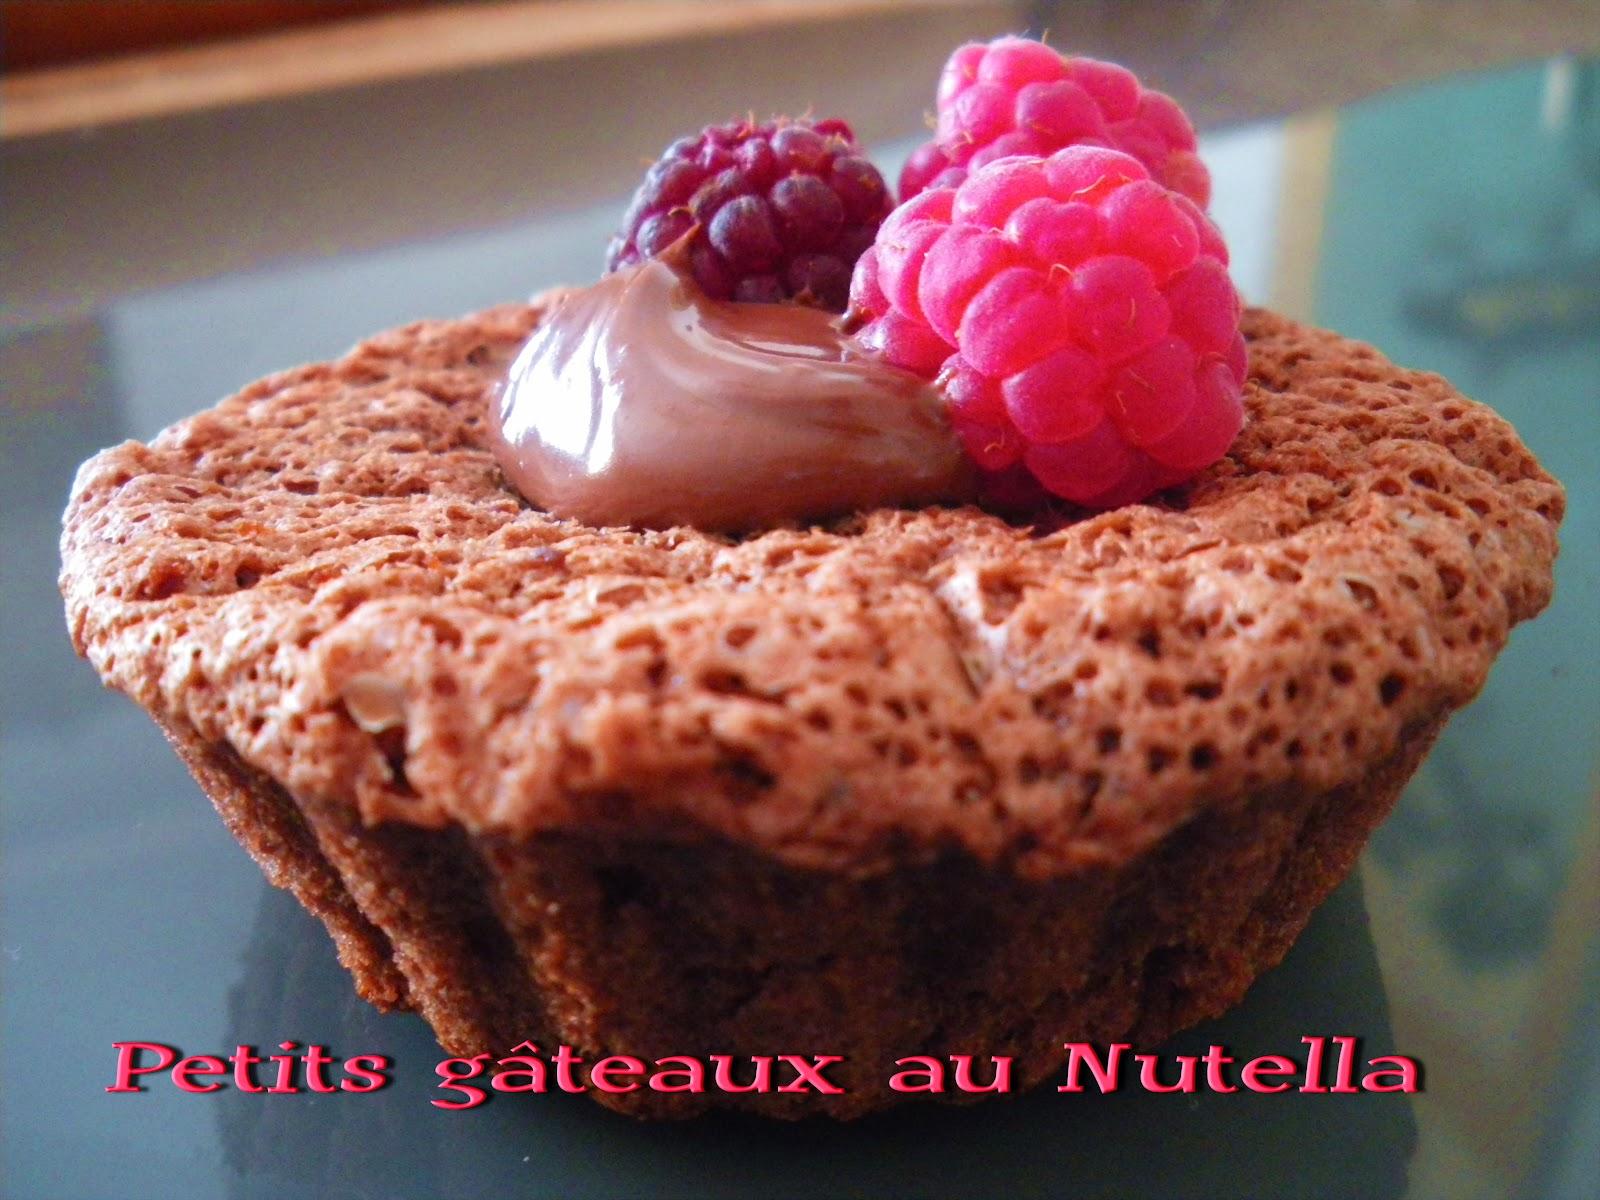 Gateau gaga love cakes petits g teaux au nutella - Gateau au nutella fondant ...